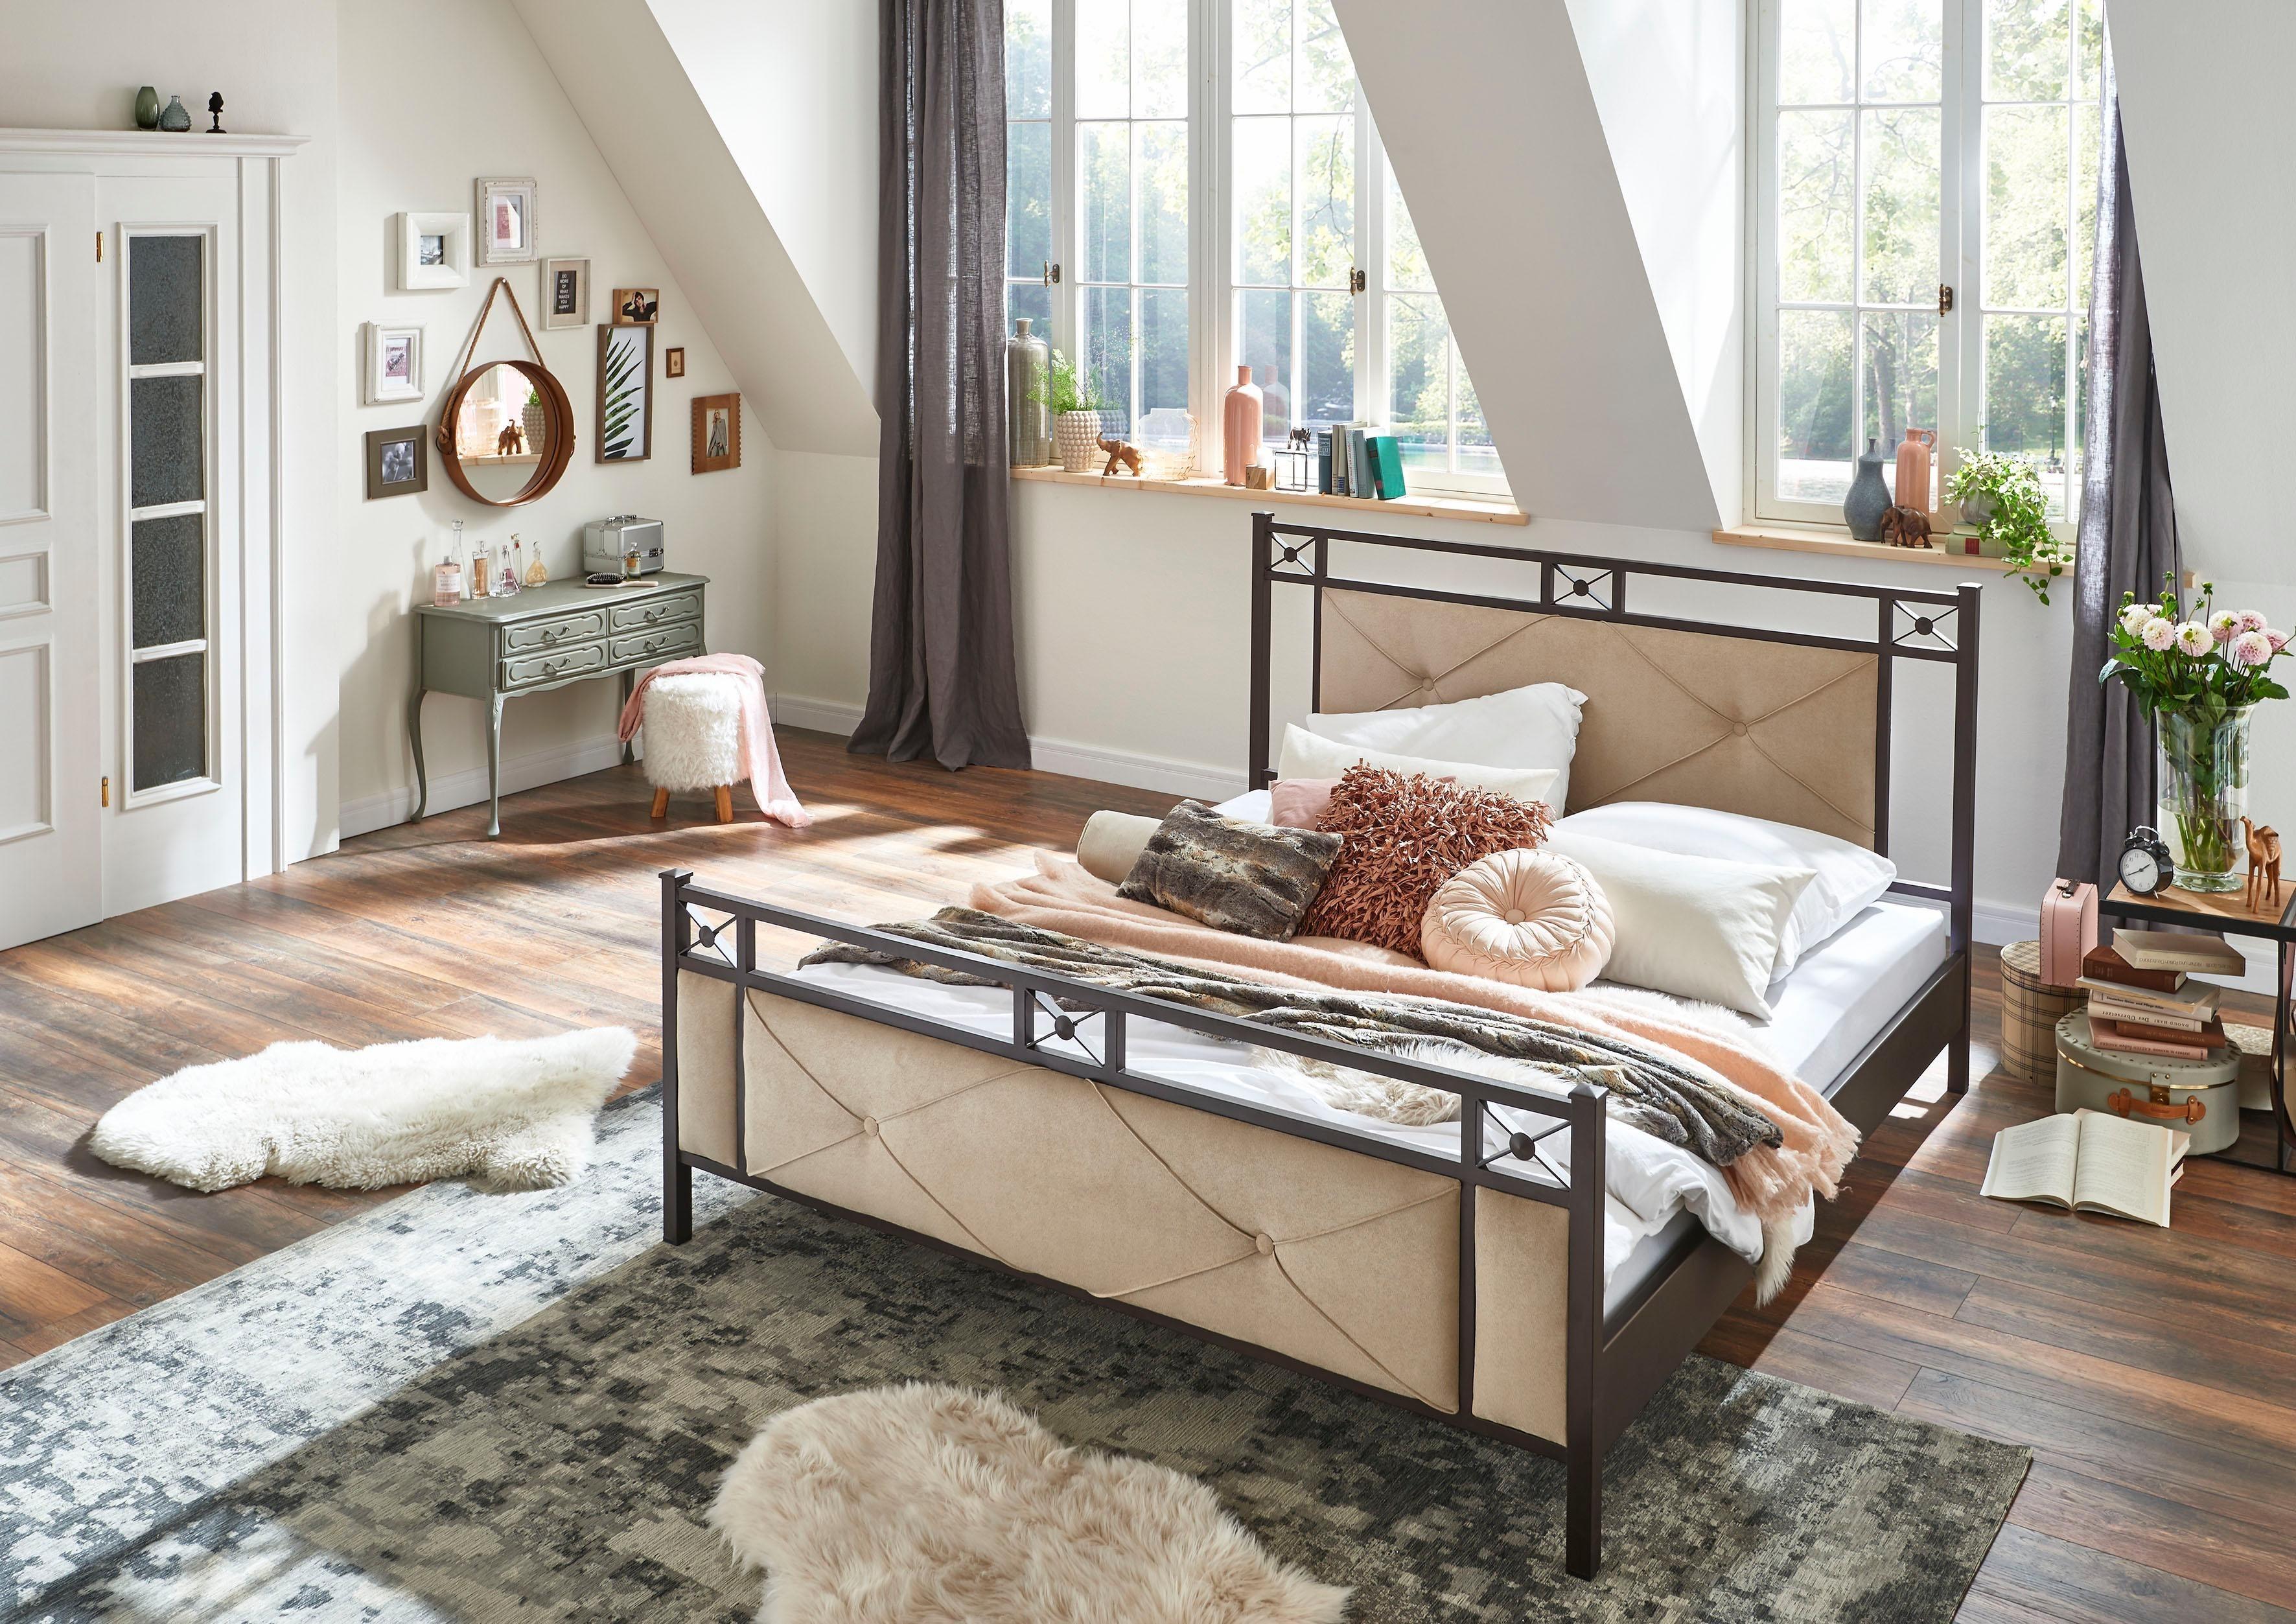 Home affaire Metallbett »Greta«, mit ausgepolstertem Kopf- und Fußteil | Schlafzimmer > Betten > Metallbetten | Microfaser - Stoff | Home affaire